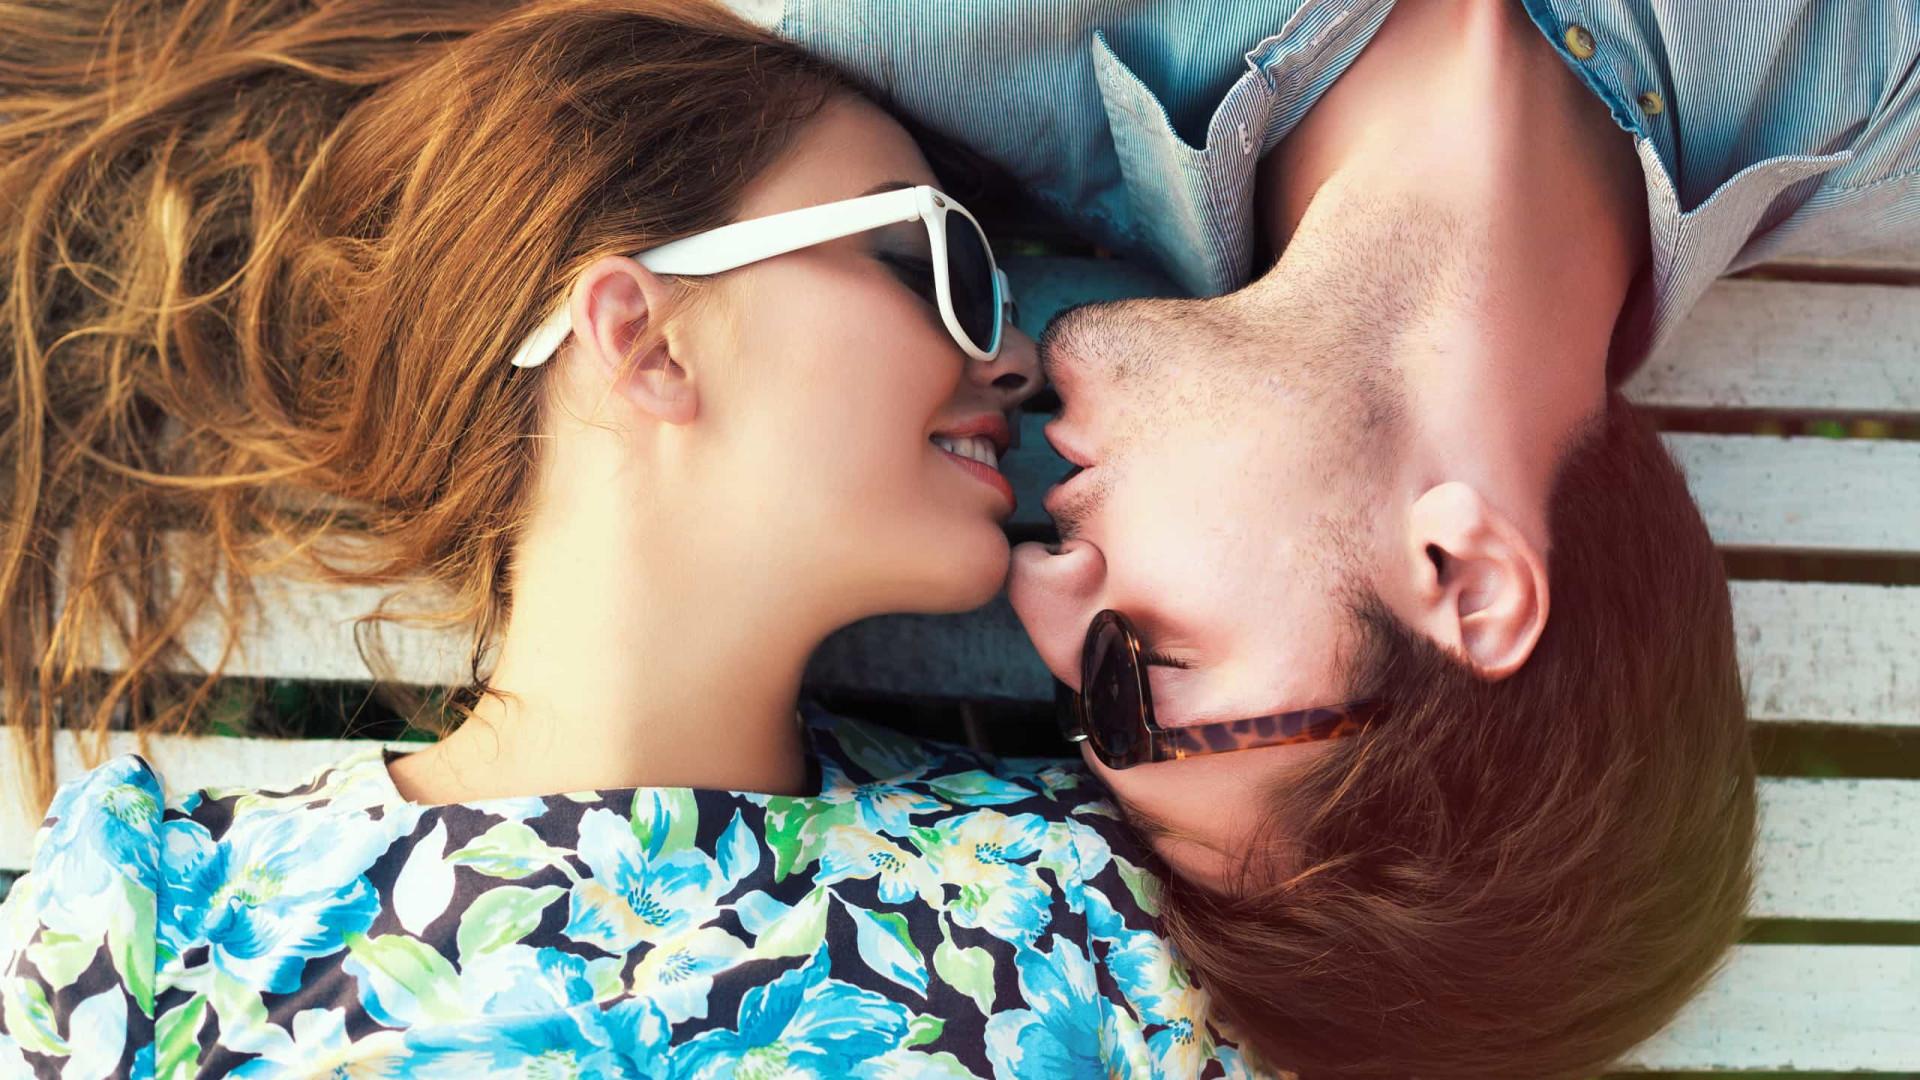 Os dois signos do zodíaco que dão os melhores beijos